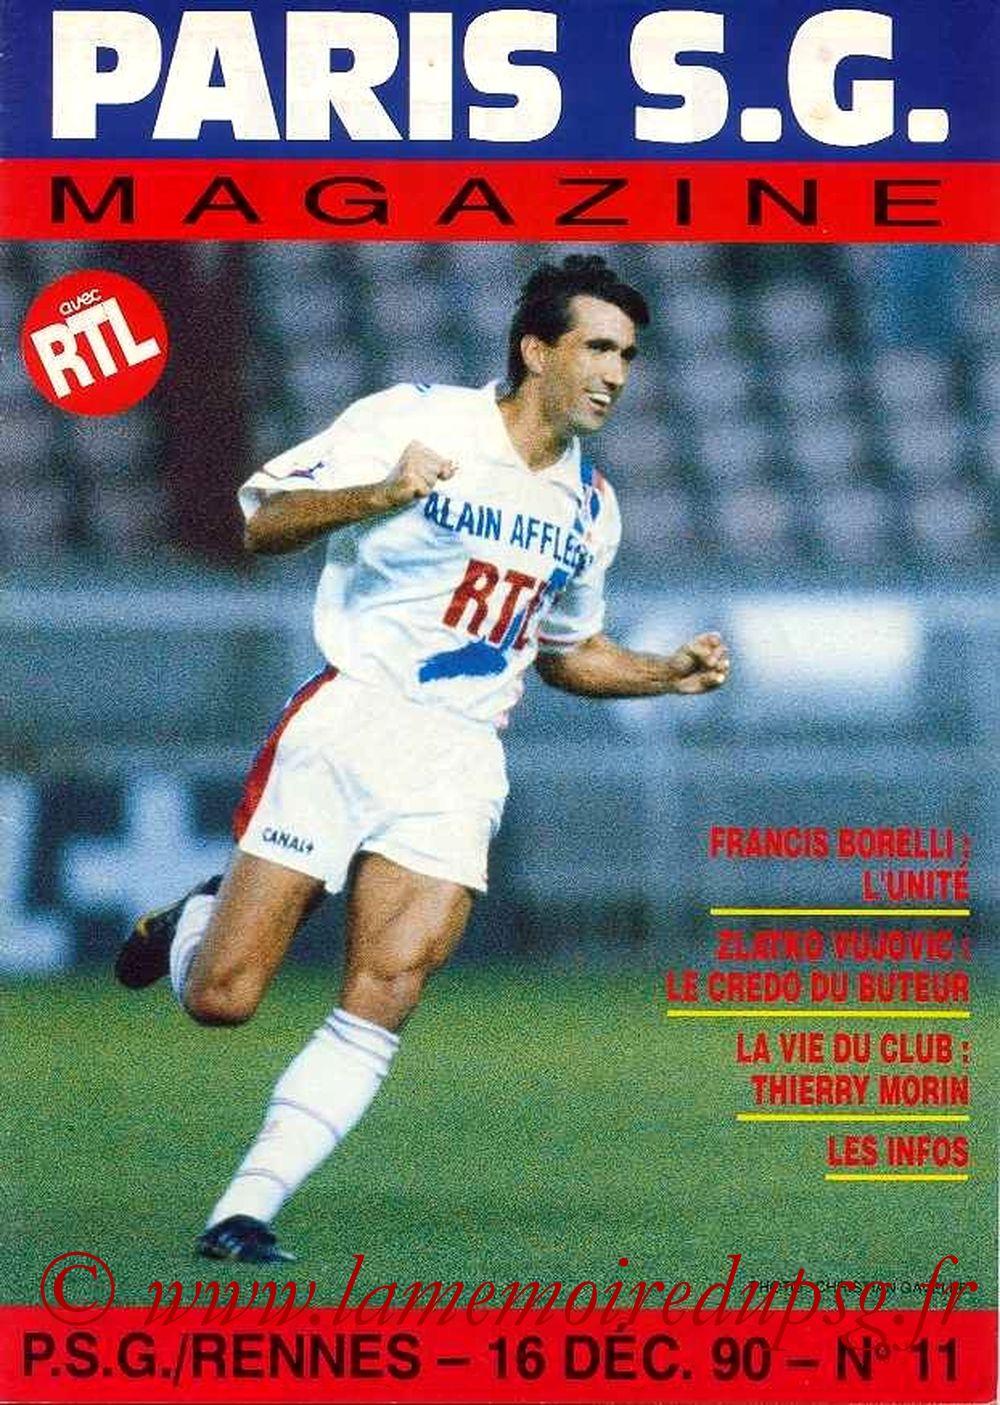 1990-12-16  PSG-Rennes (20ème D1, Paris SG Magazine N°11)